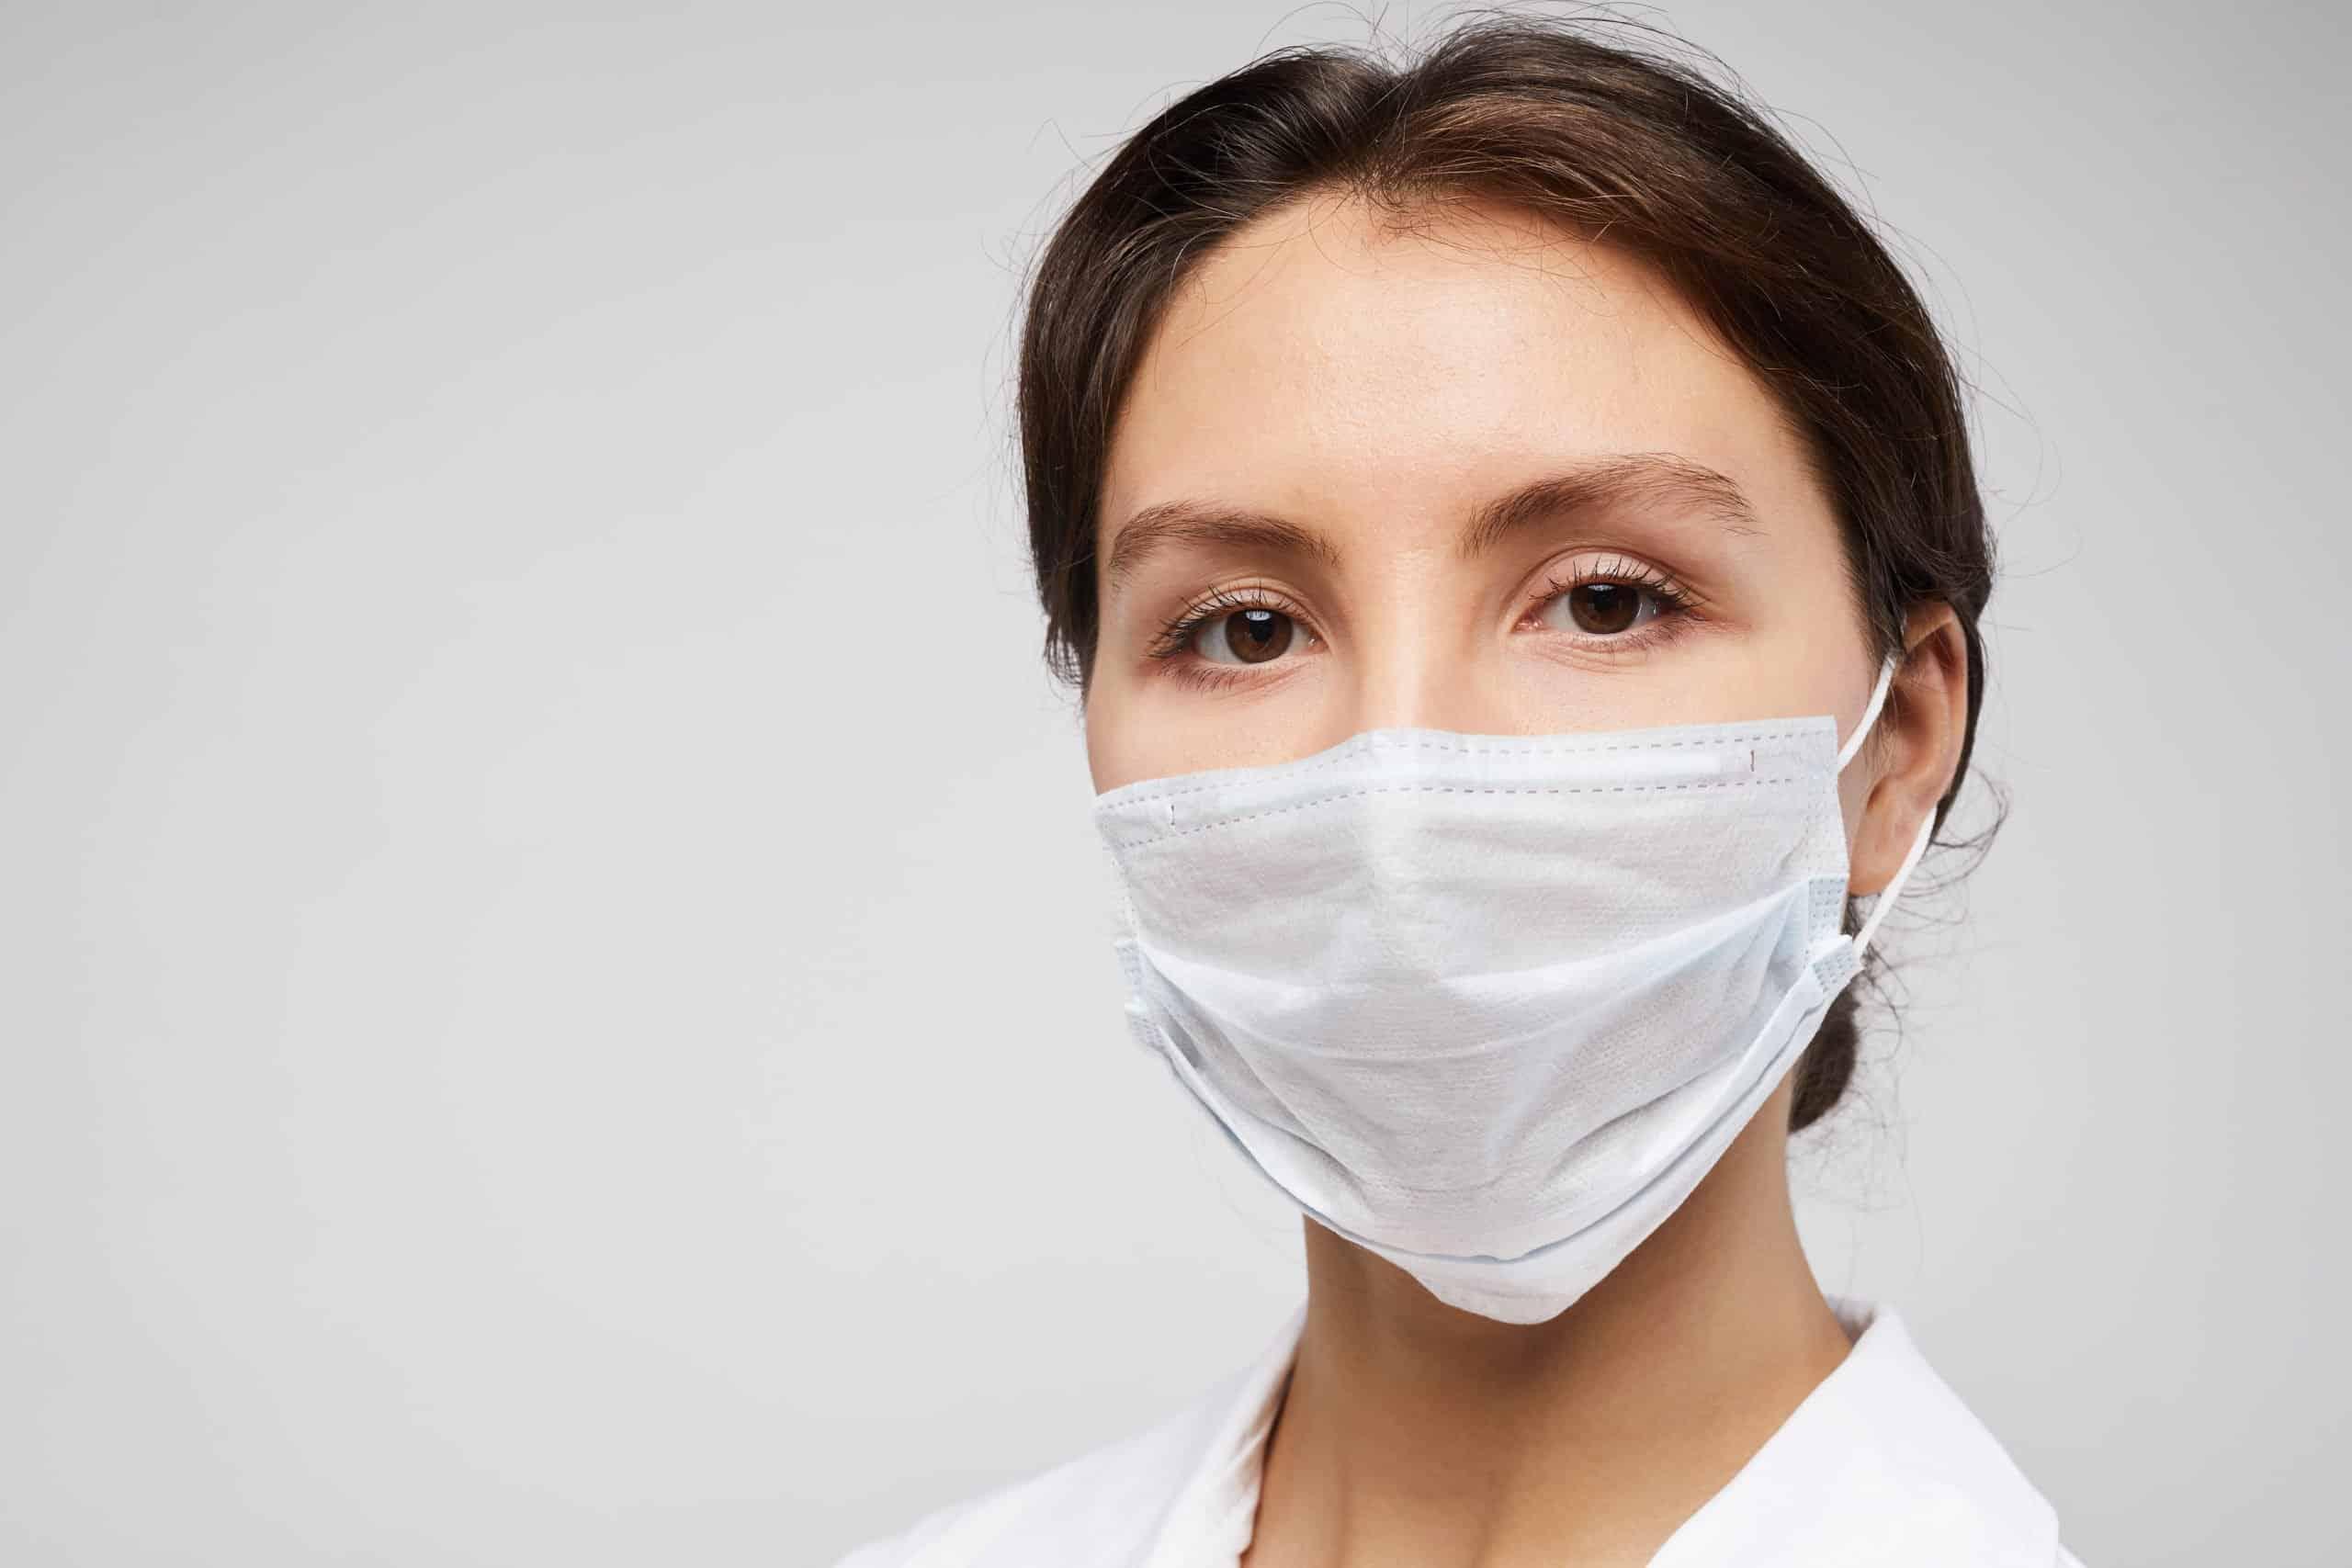 COVID 19 : Le port du masque pour les malentendants